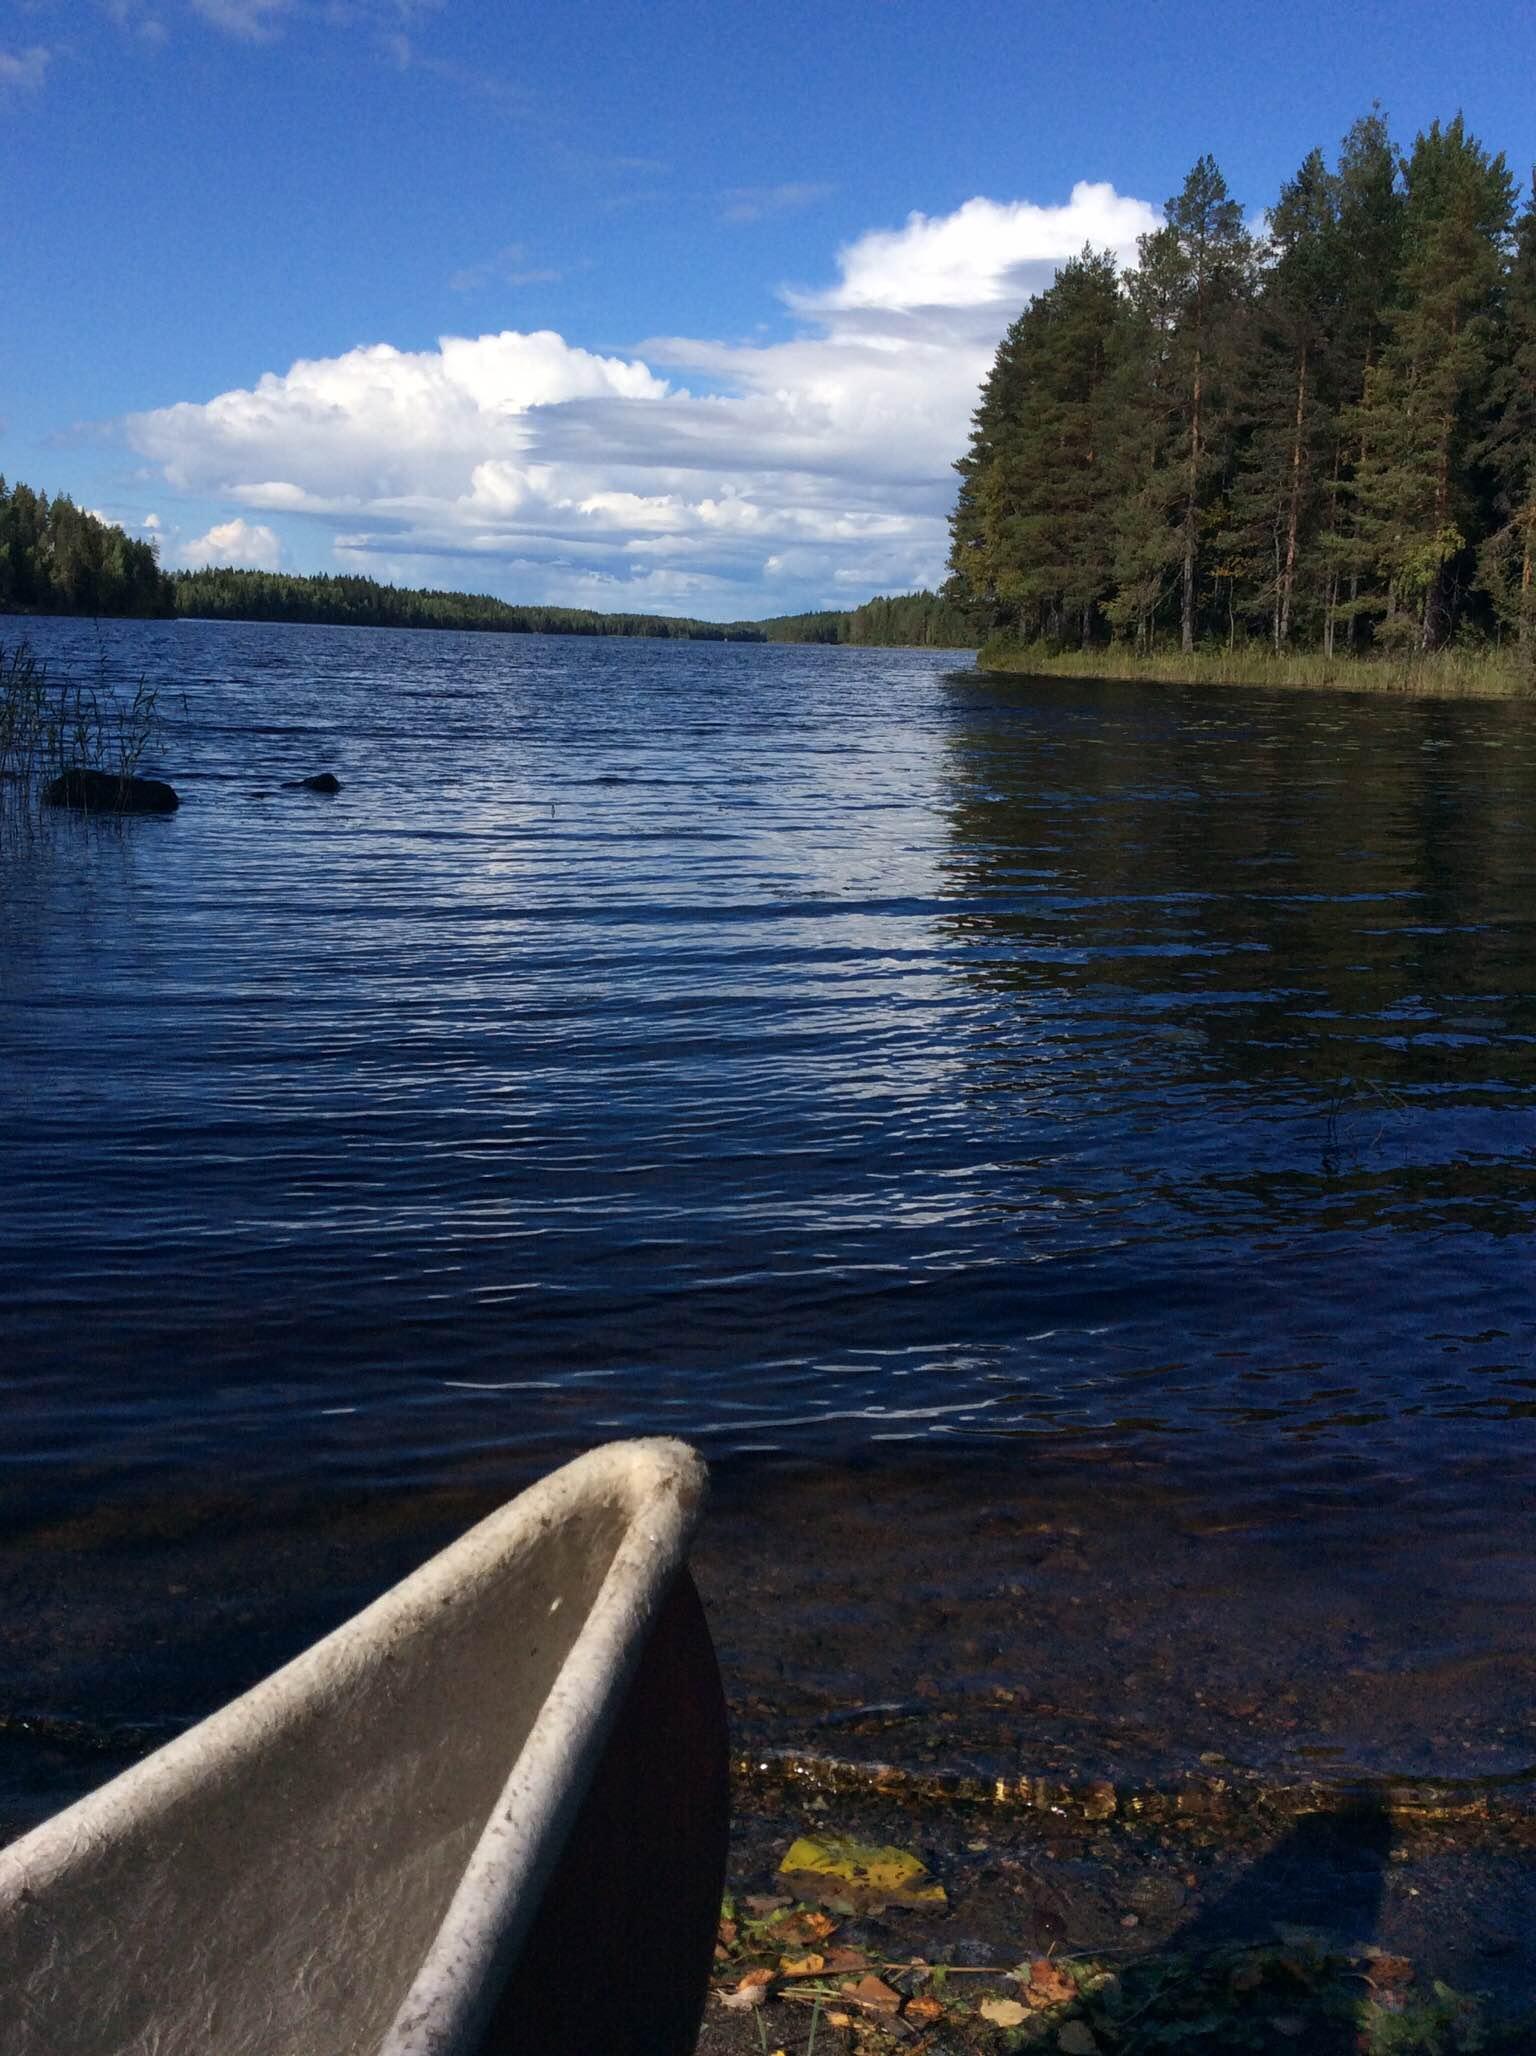 Vacaciones en una cabaña de verano (Loma kesämökillä) - Big In Finland